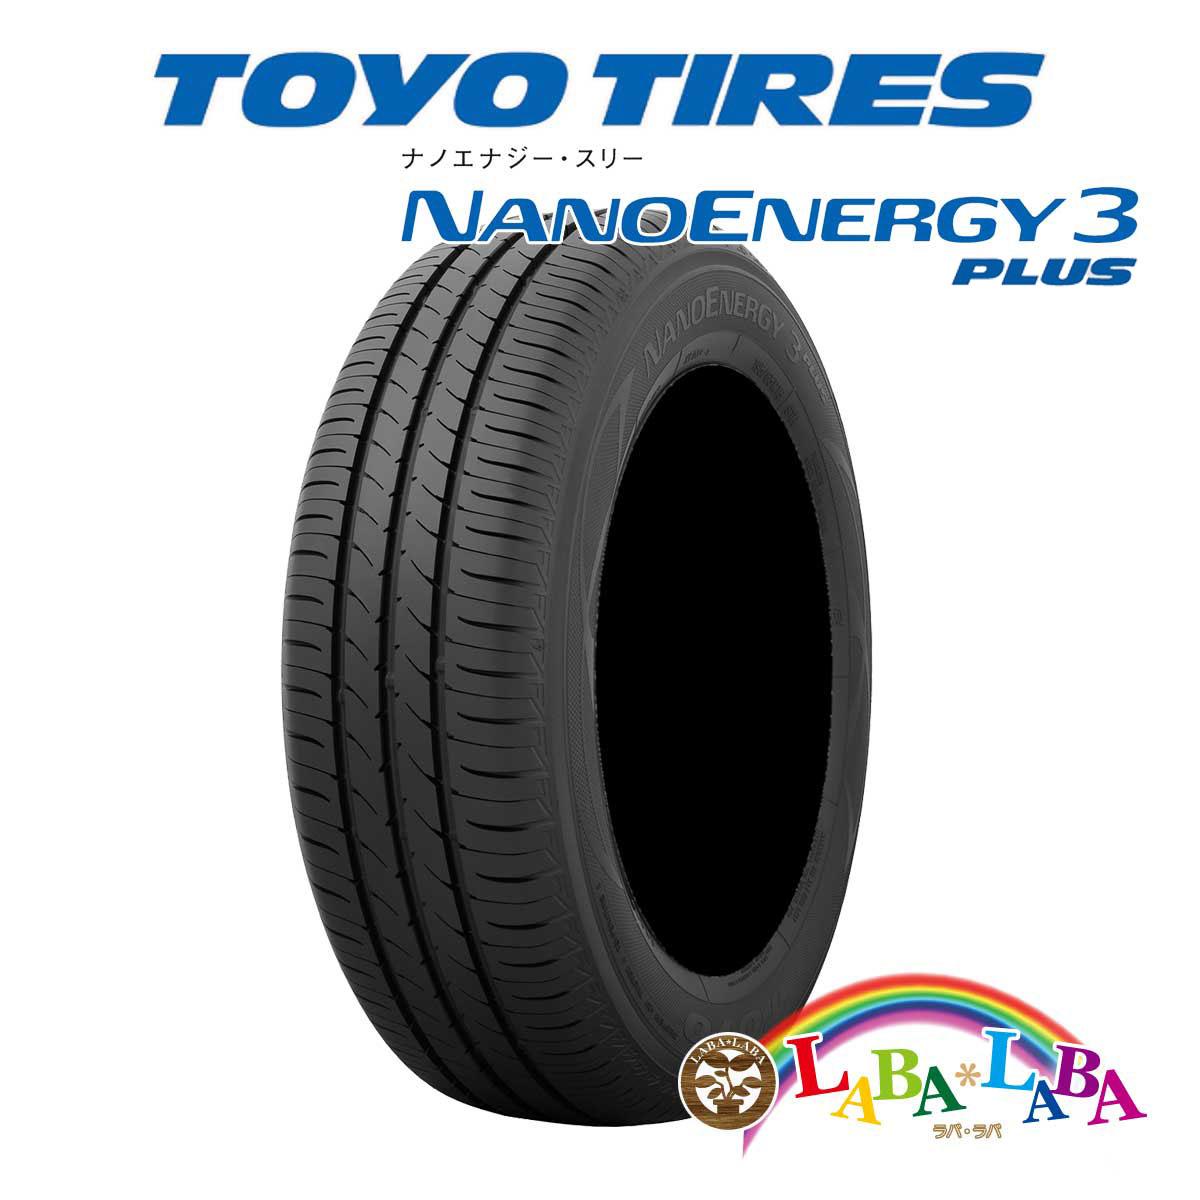 TOYO トーヨー NANOENERGY3 PLUS 225/45R17 94W サマータイヤ 2本セット